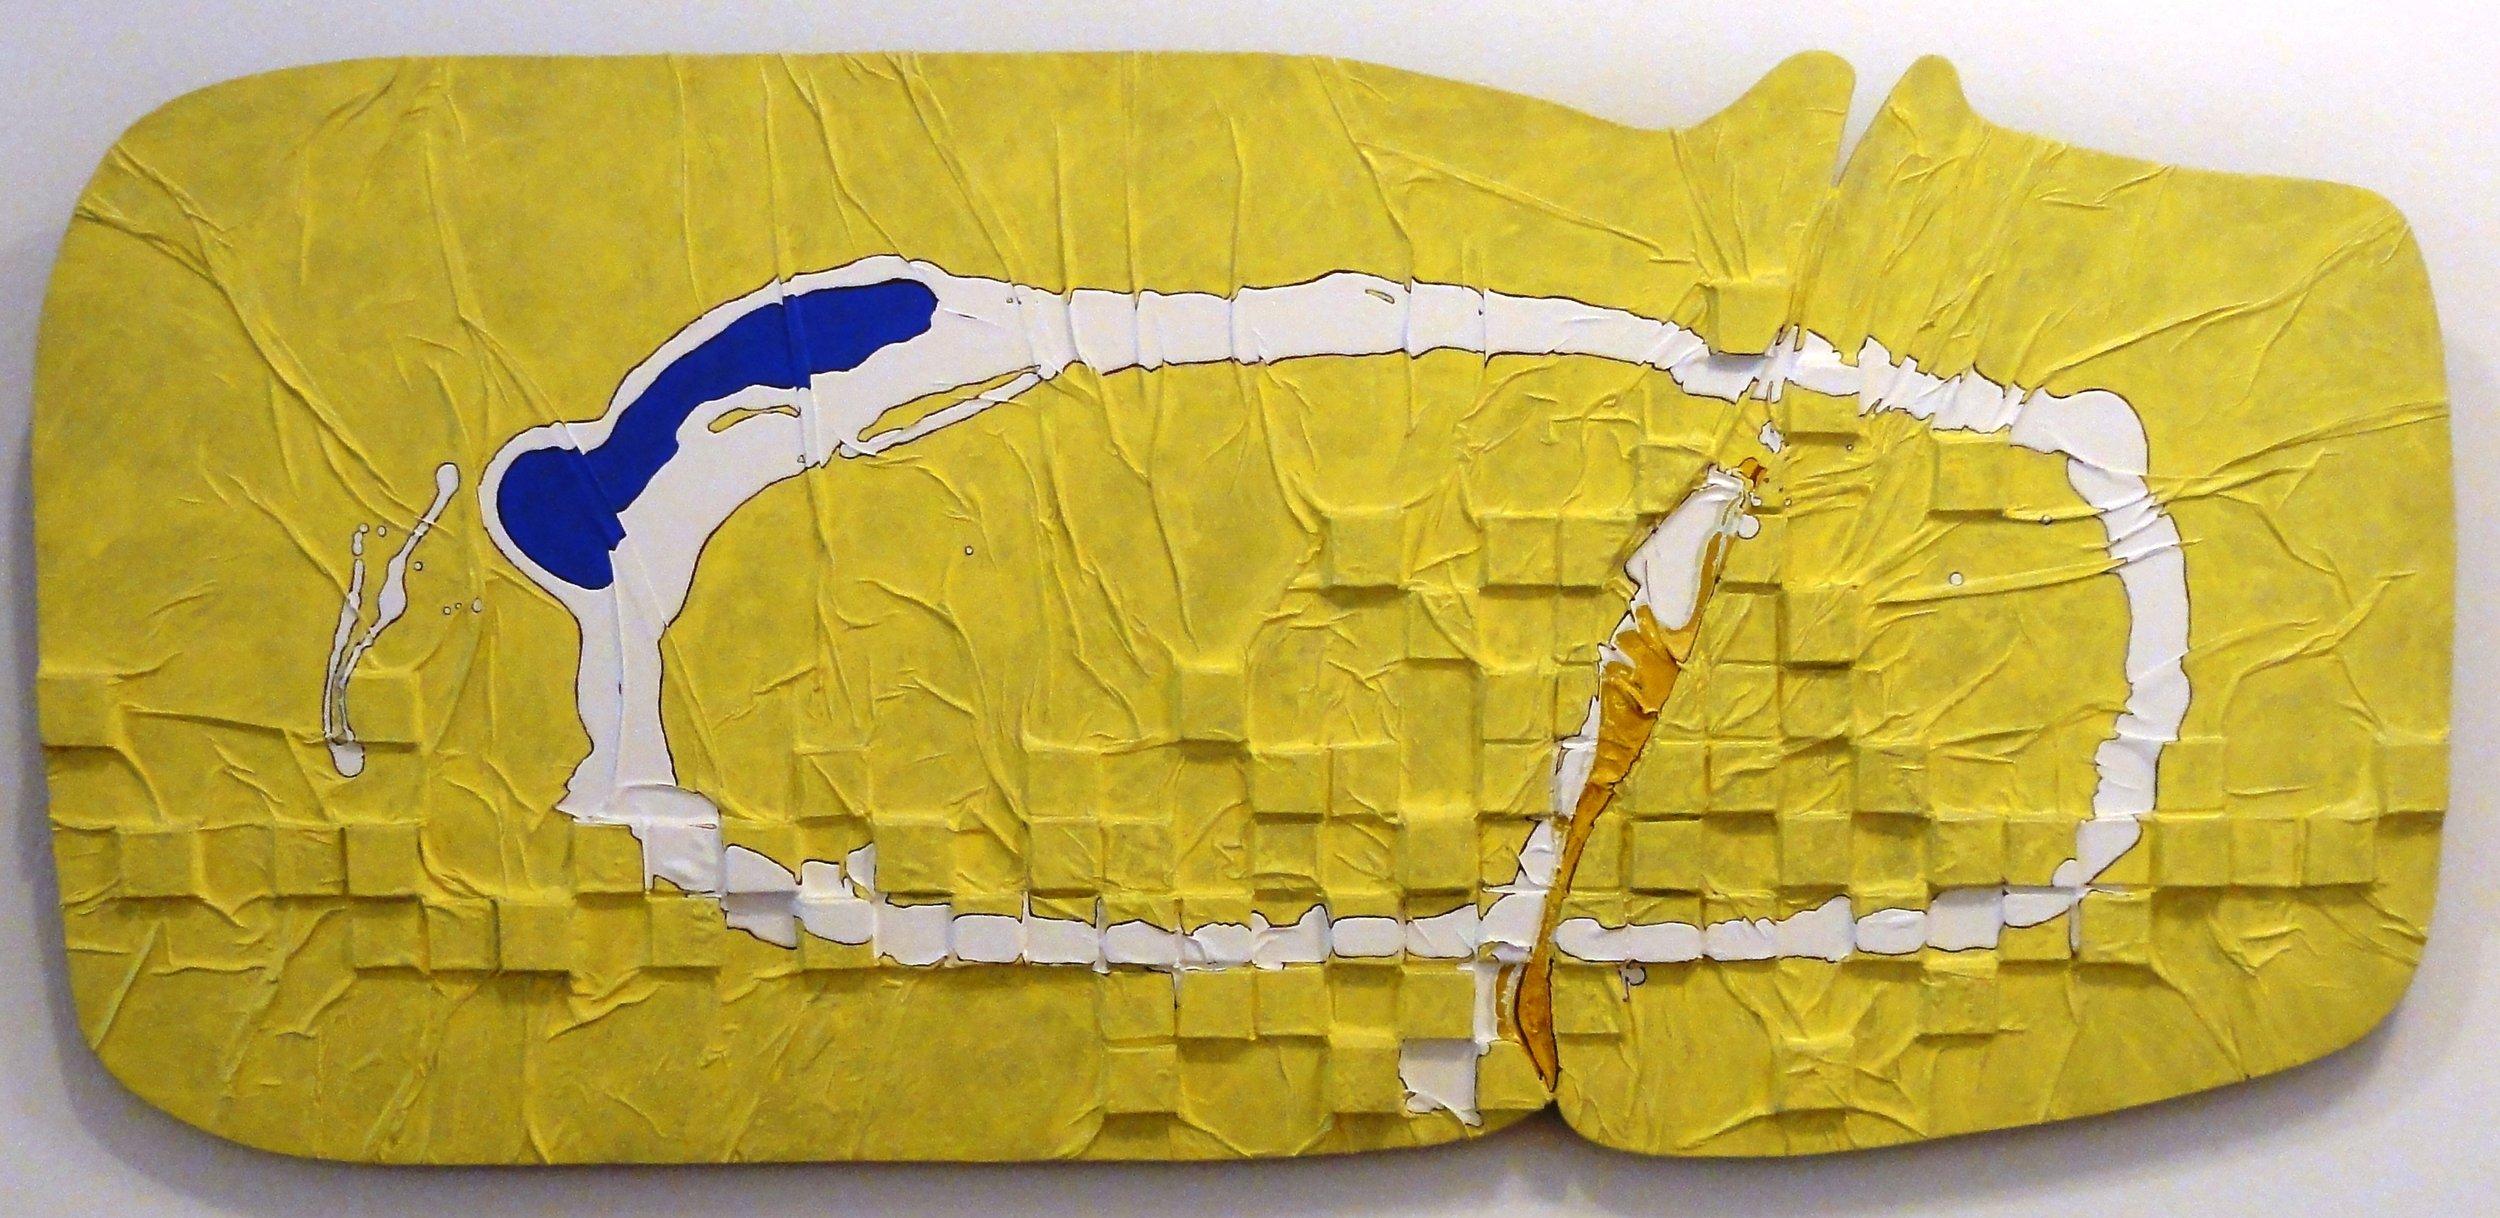 AR1394 -Gilberto Salvador - 73x160 - ASTcolada em Madeira - 2003 -Paisagem Matinal.JPG